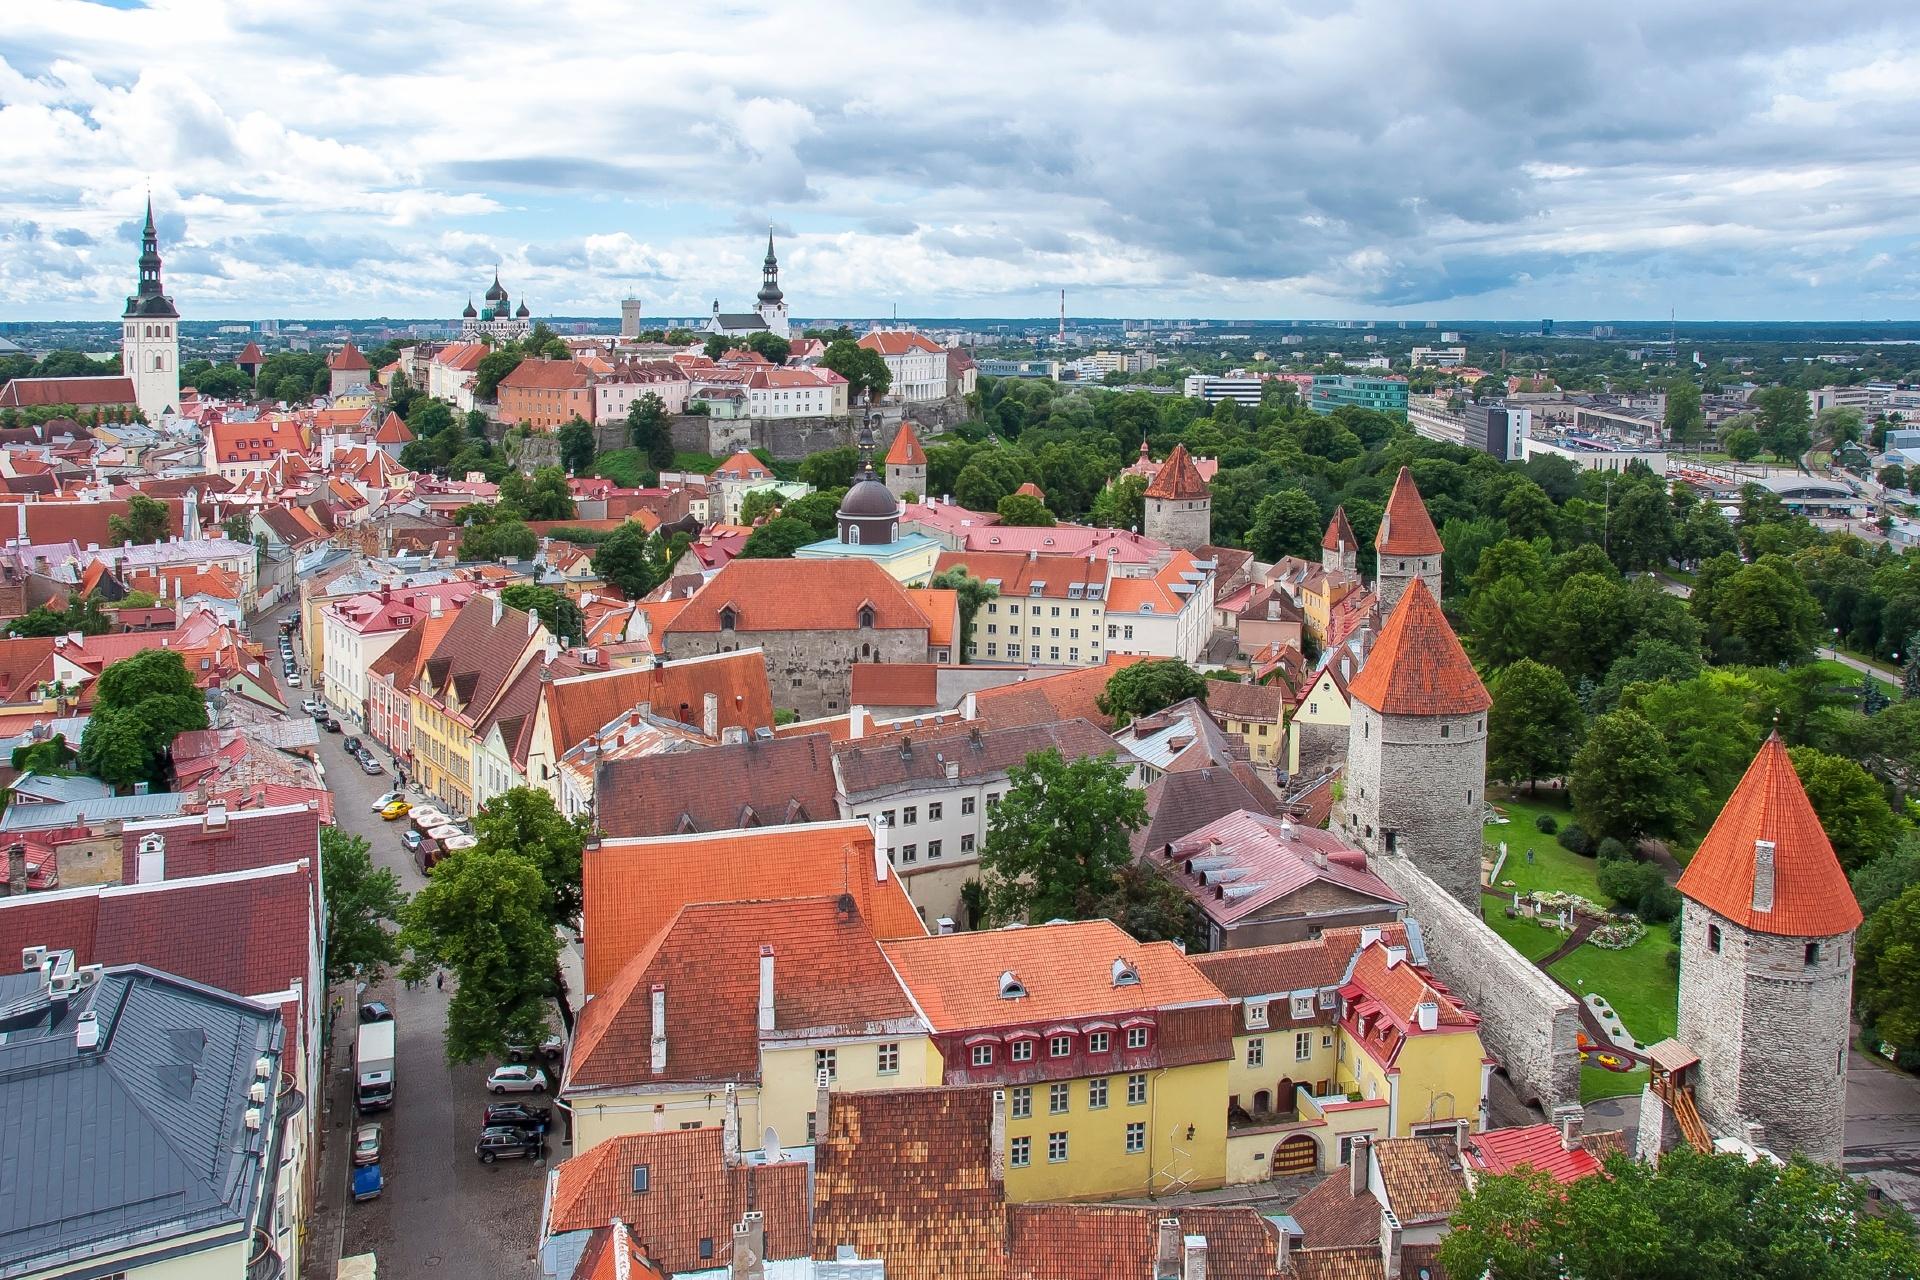 聖オラフ教会から見るタリンの風景 エストニアの風景